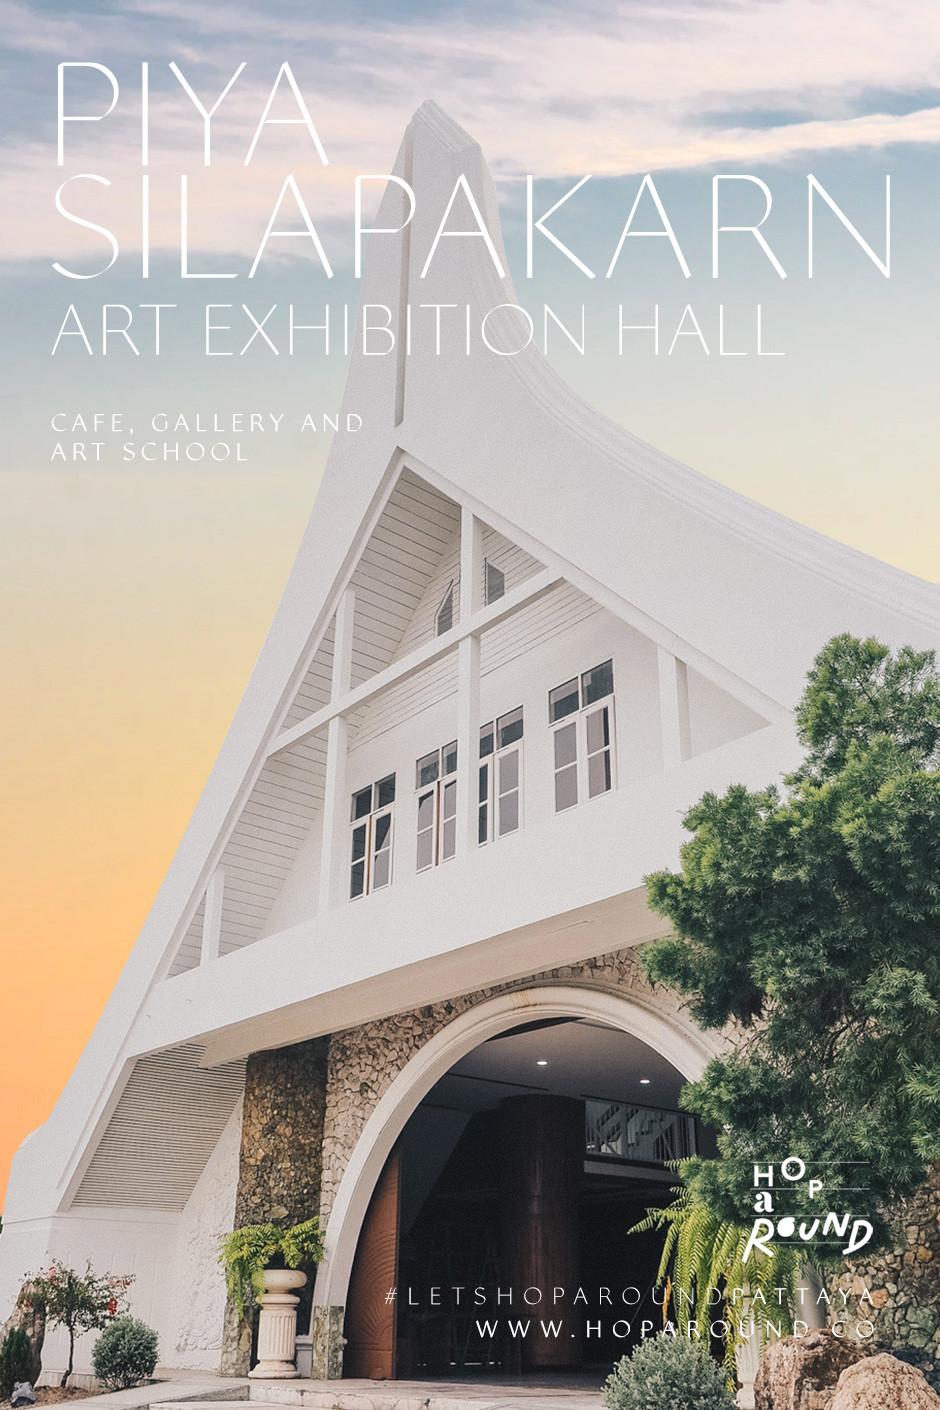 """ศิลปะ x ศรัทธา x หัวใจ หอแสดงงานศิลปะแห่งใหม่ที่พัทยา """"ปิยะศิลปาคาร"""" คาเฟ่น่าไปในพัทยา พัทยา คาเฟ่พัทยา แกลอรี่ในพัทยา gallery in pattaya chonburi"""